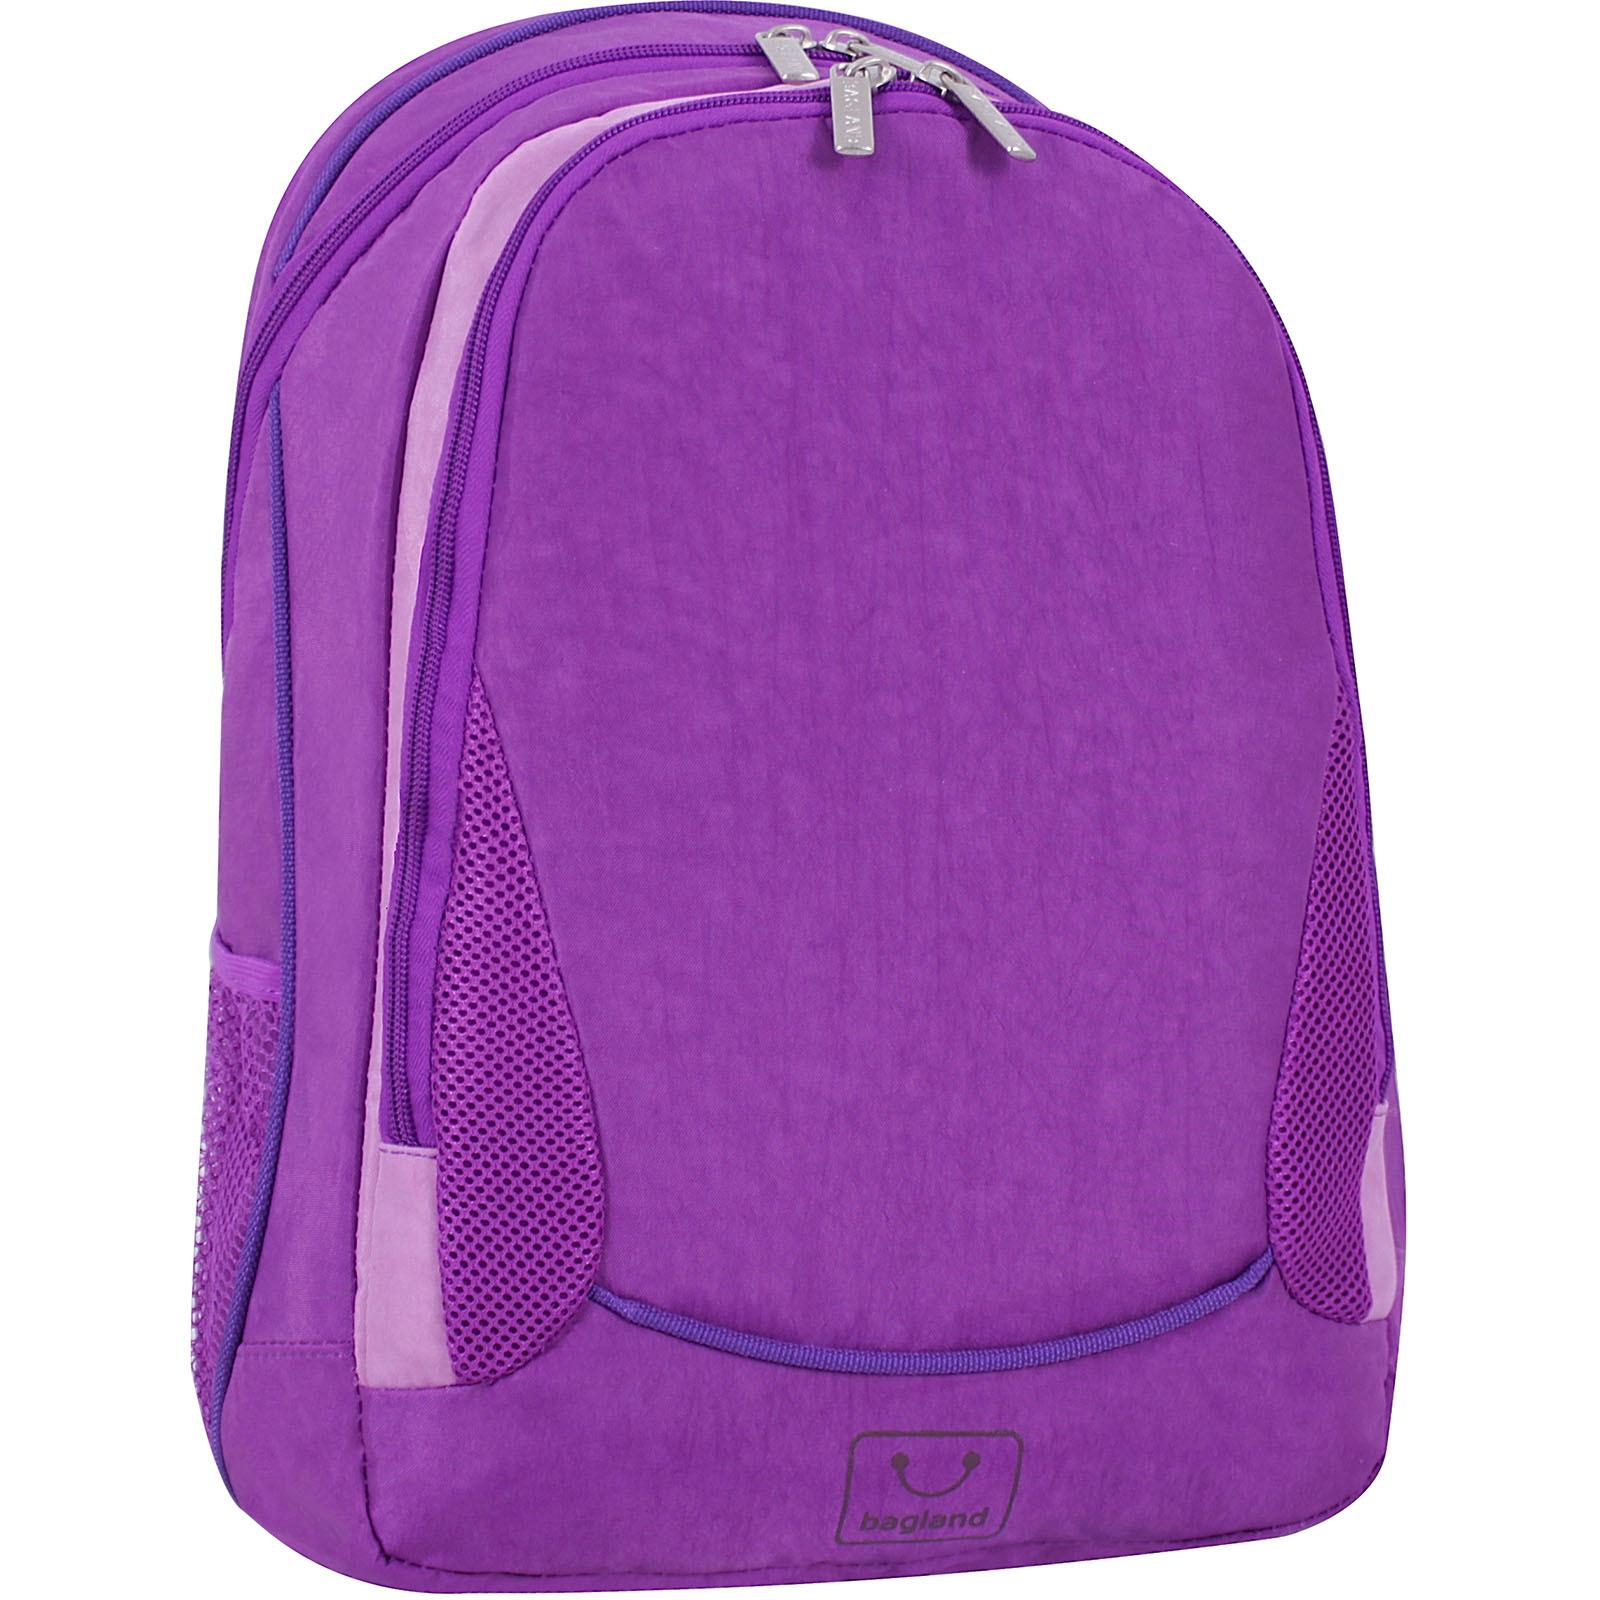 Городские рюкзаки Рюкзак Bagland Ураган 20 л. Фиолетовый бузок (0057470) IMG_7455.JPG